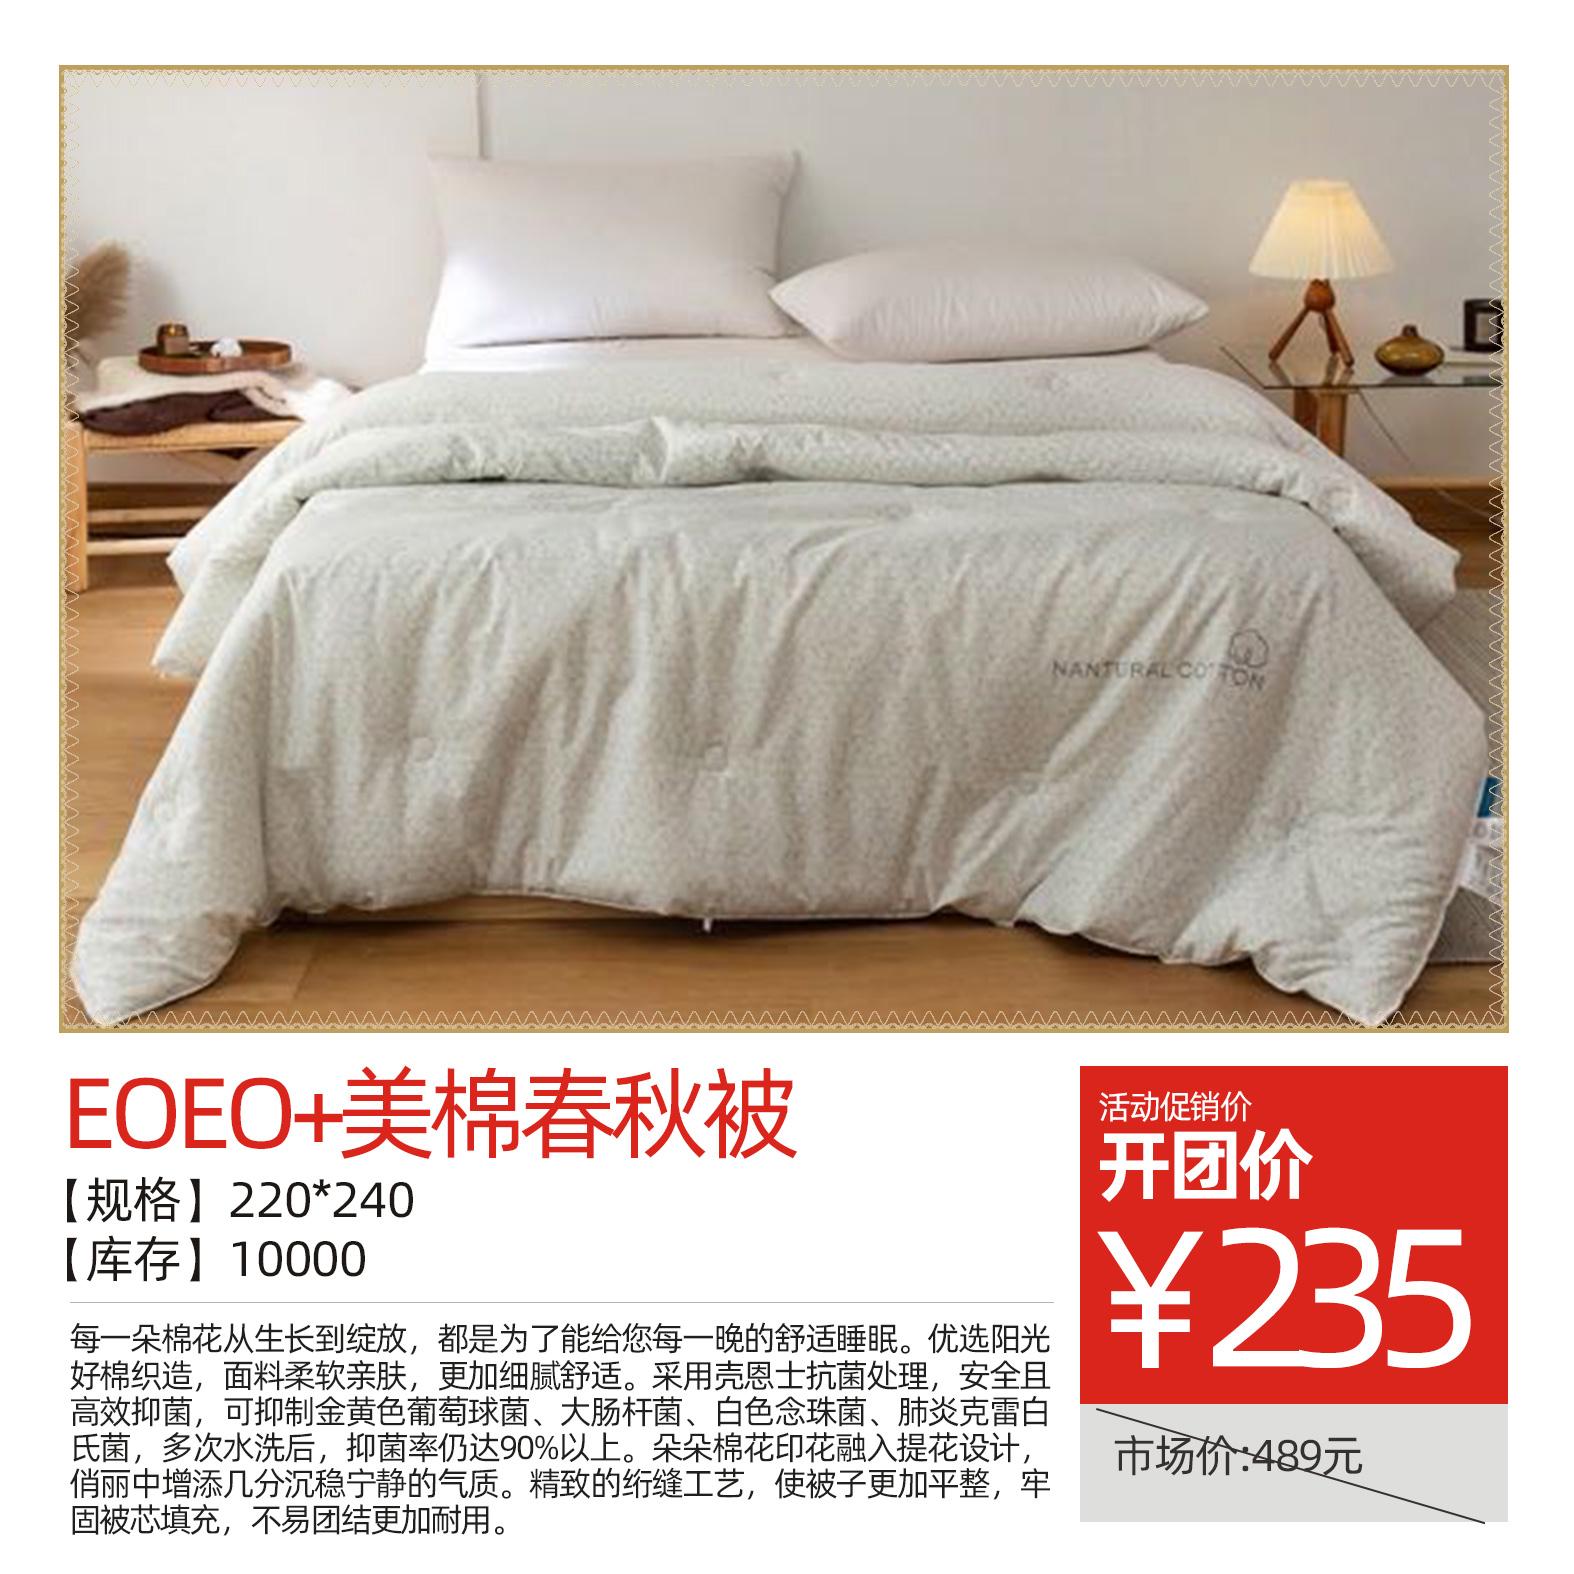 eoeo+美棉春秋被220*240